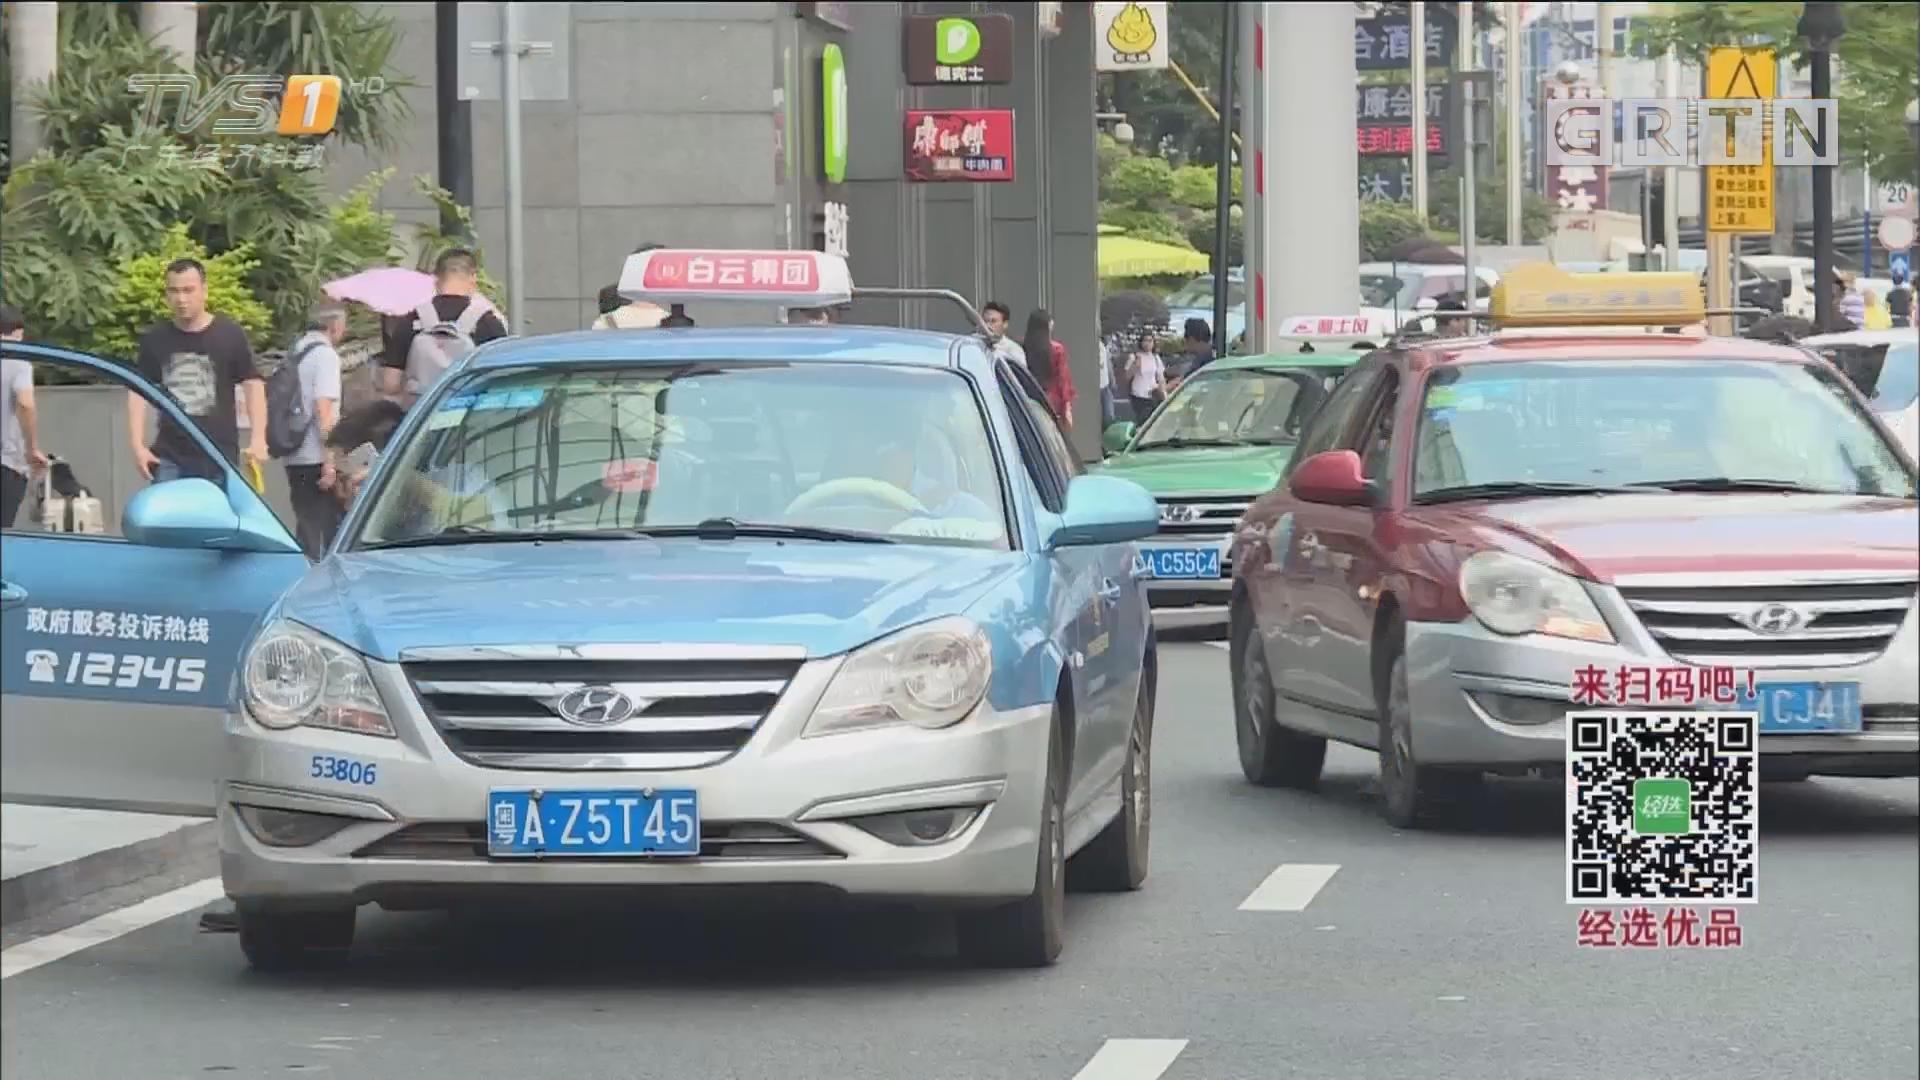 出租车调价第二天 司机:收入增加不大